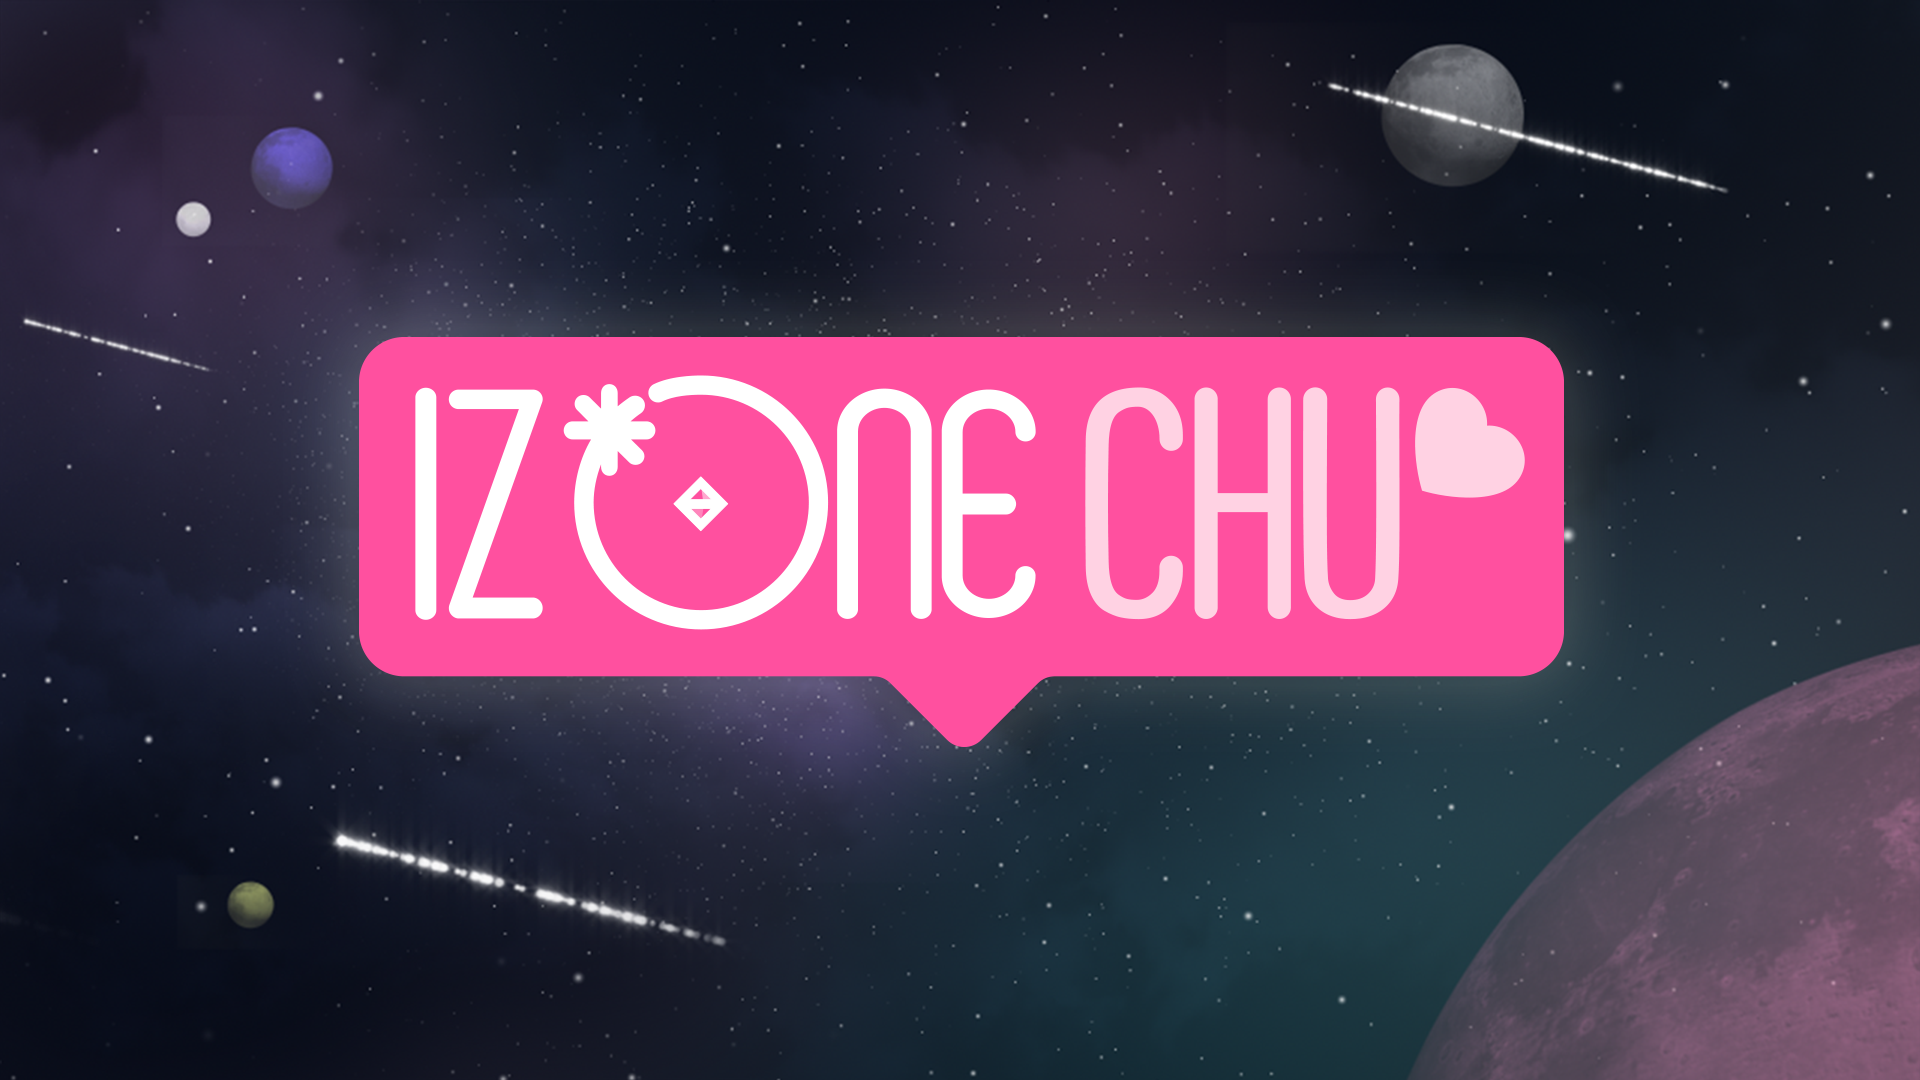 IZ_ONE-CHU